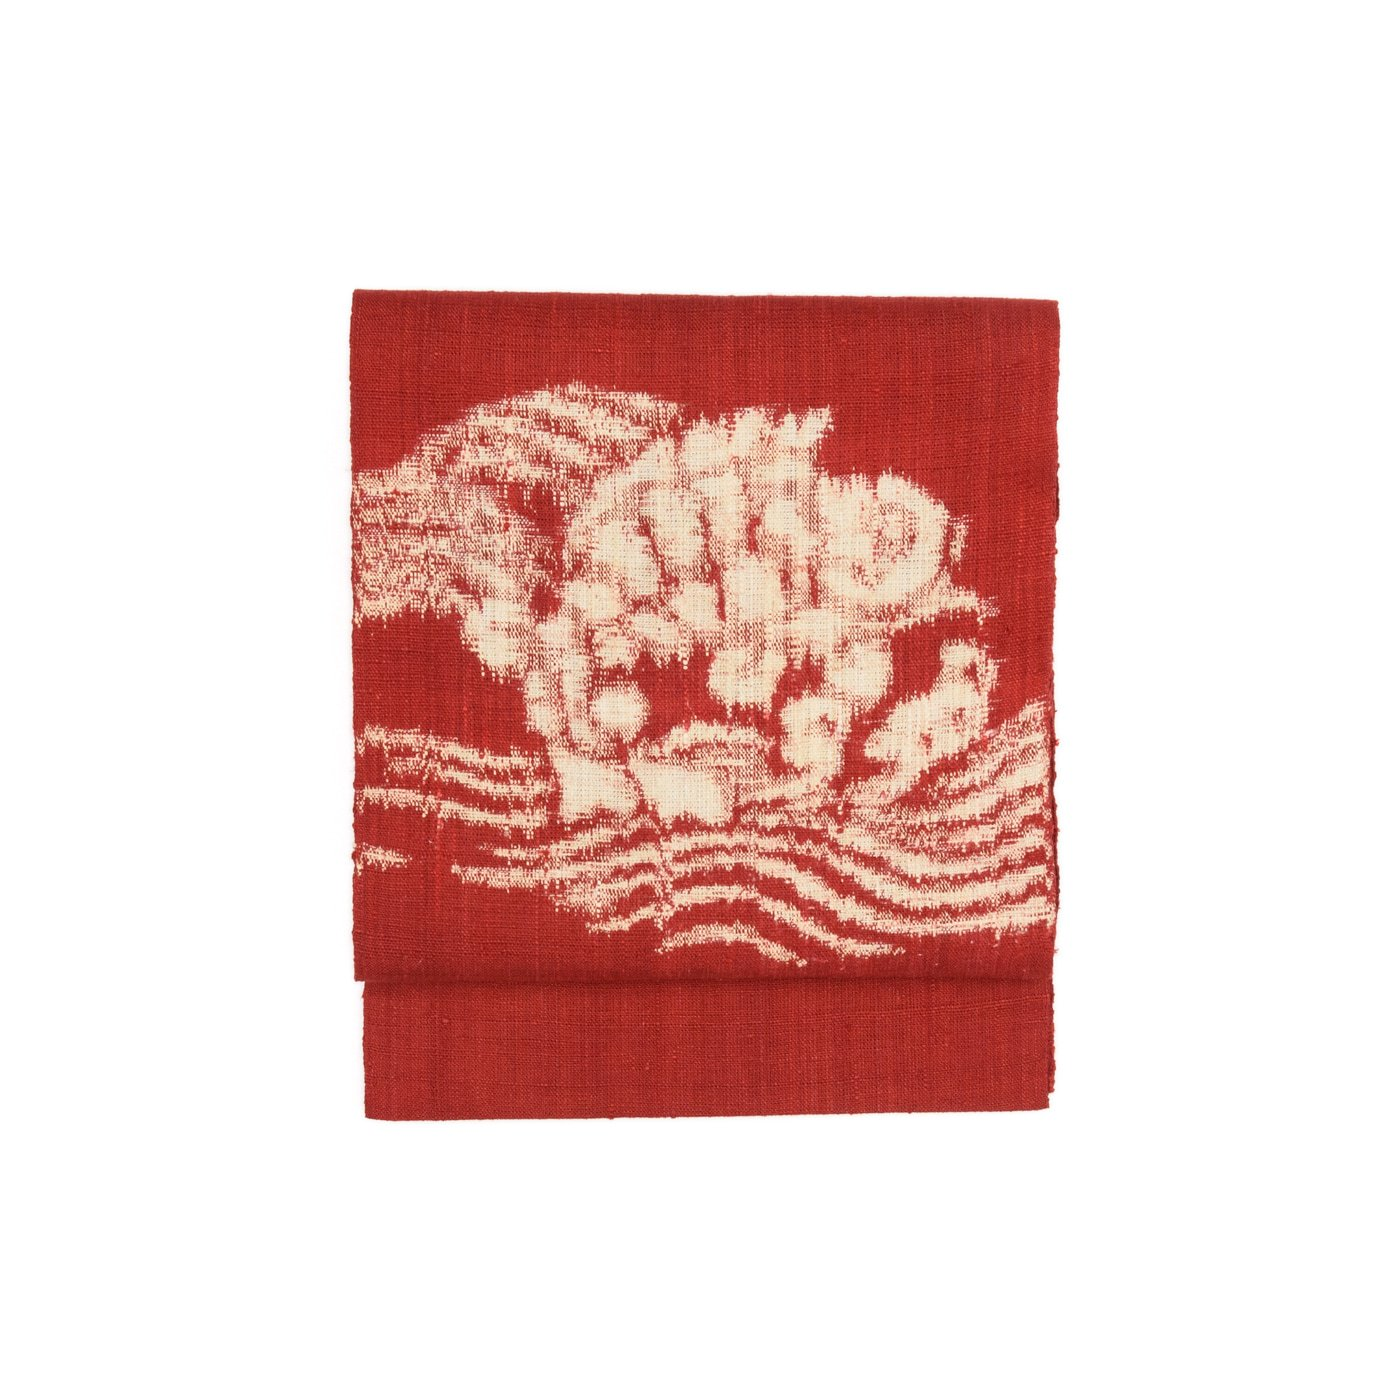 「紬 荒磯」の商品画像